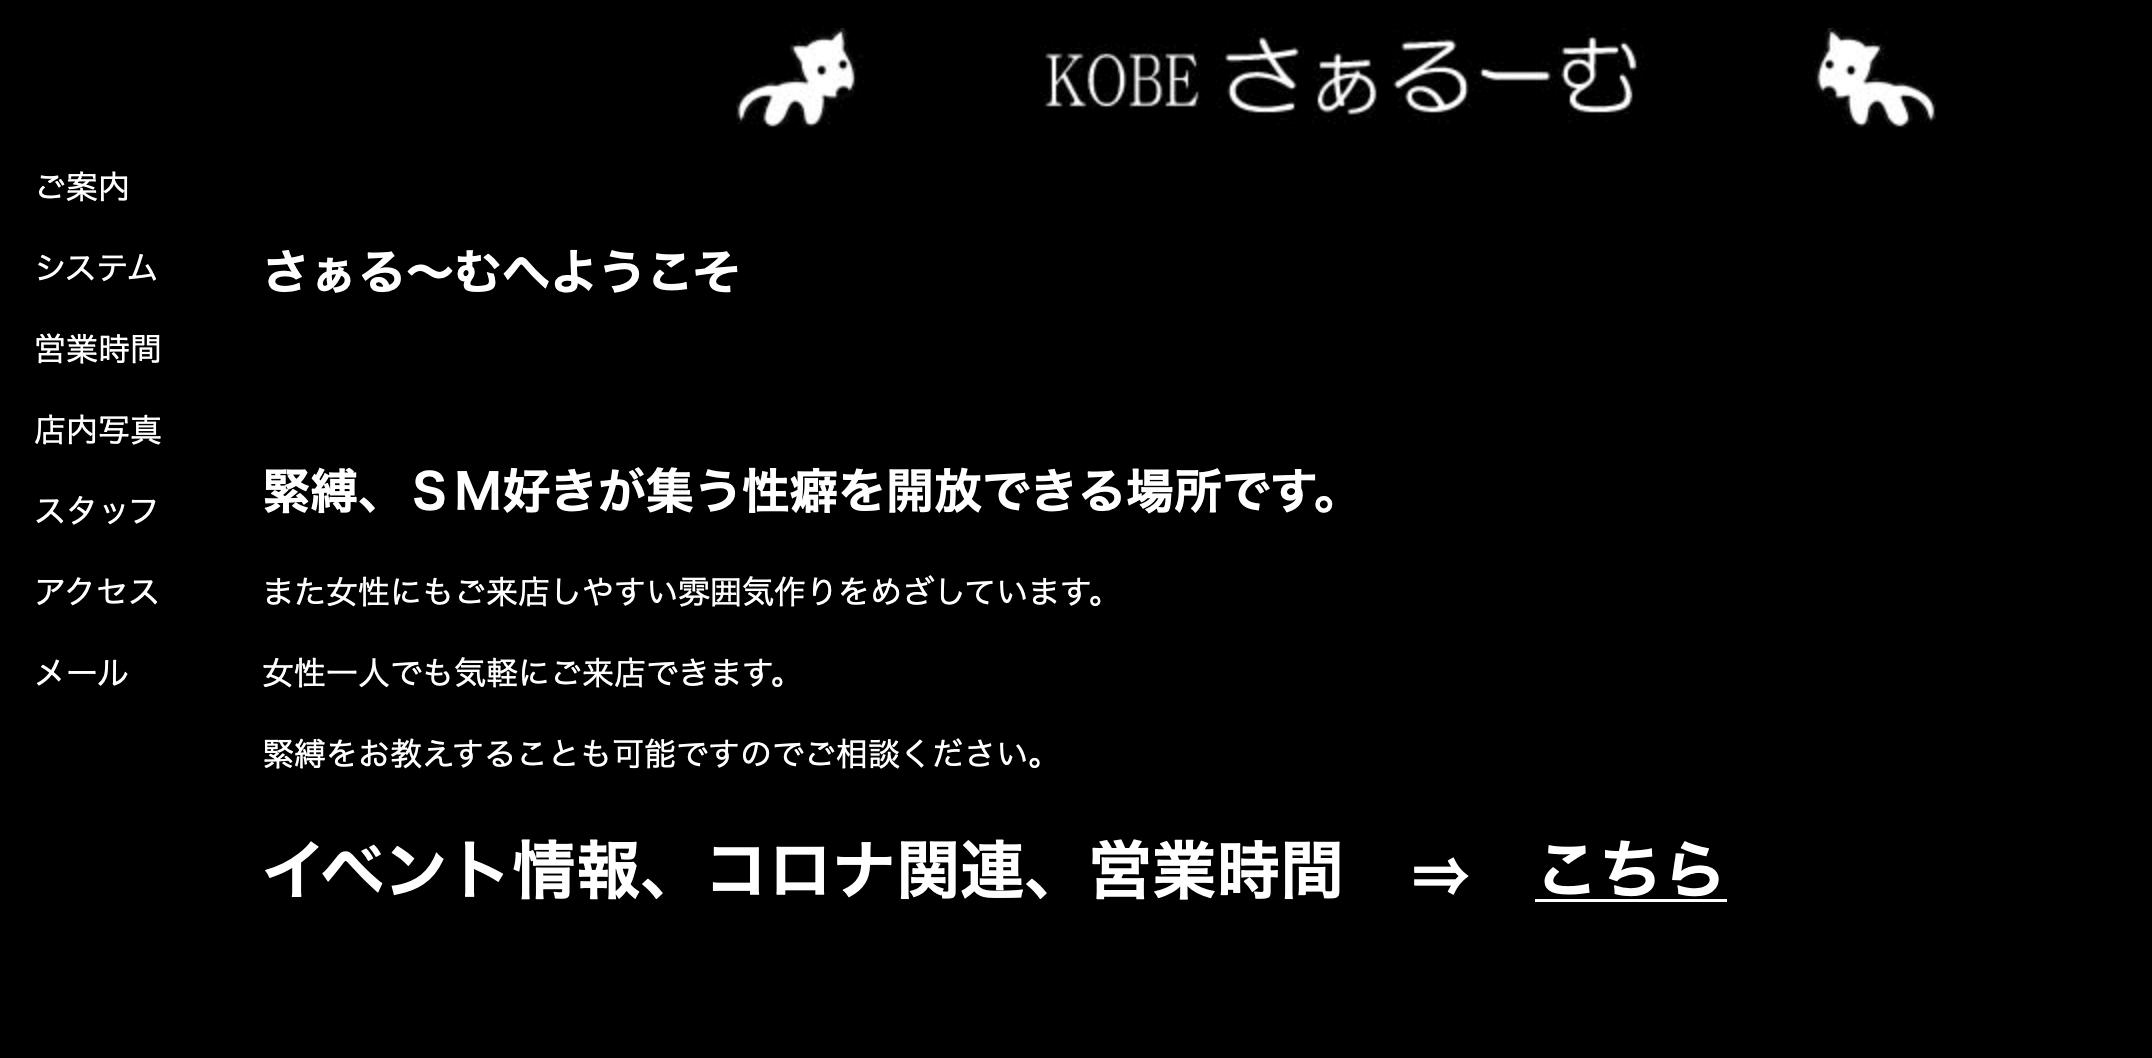 神戸市 ハプバー